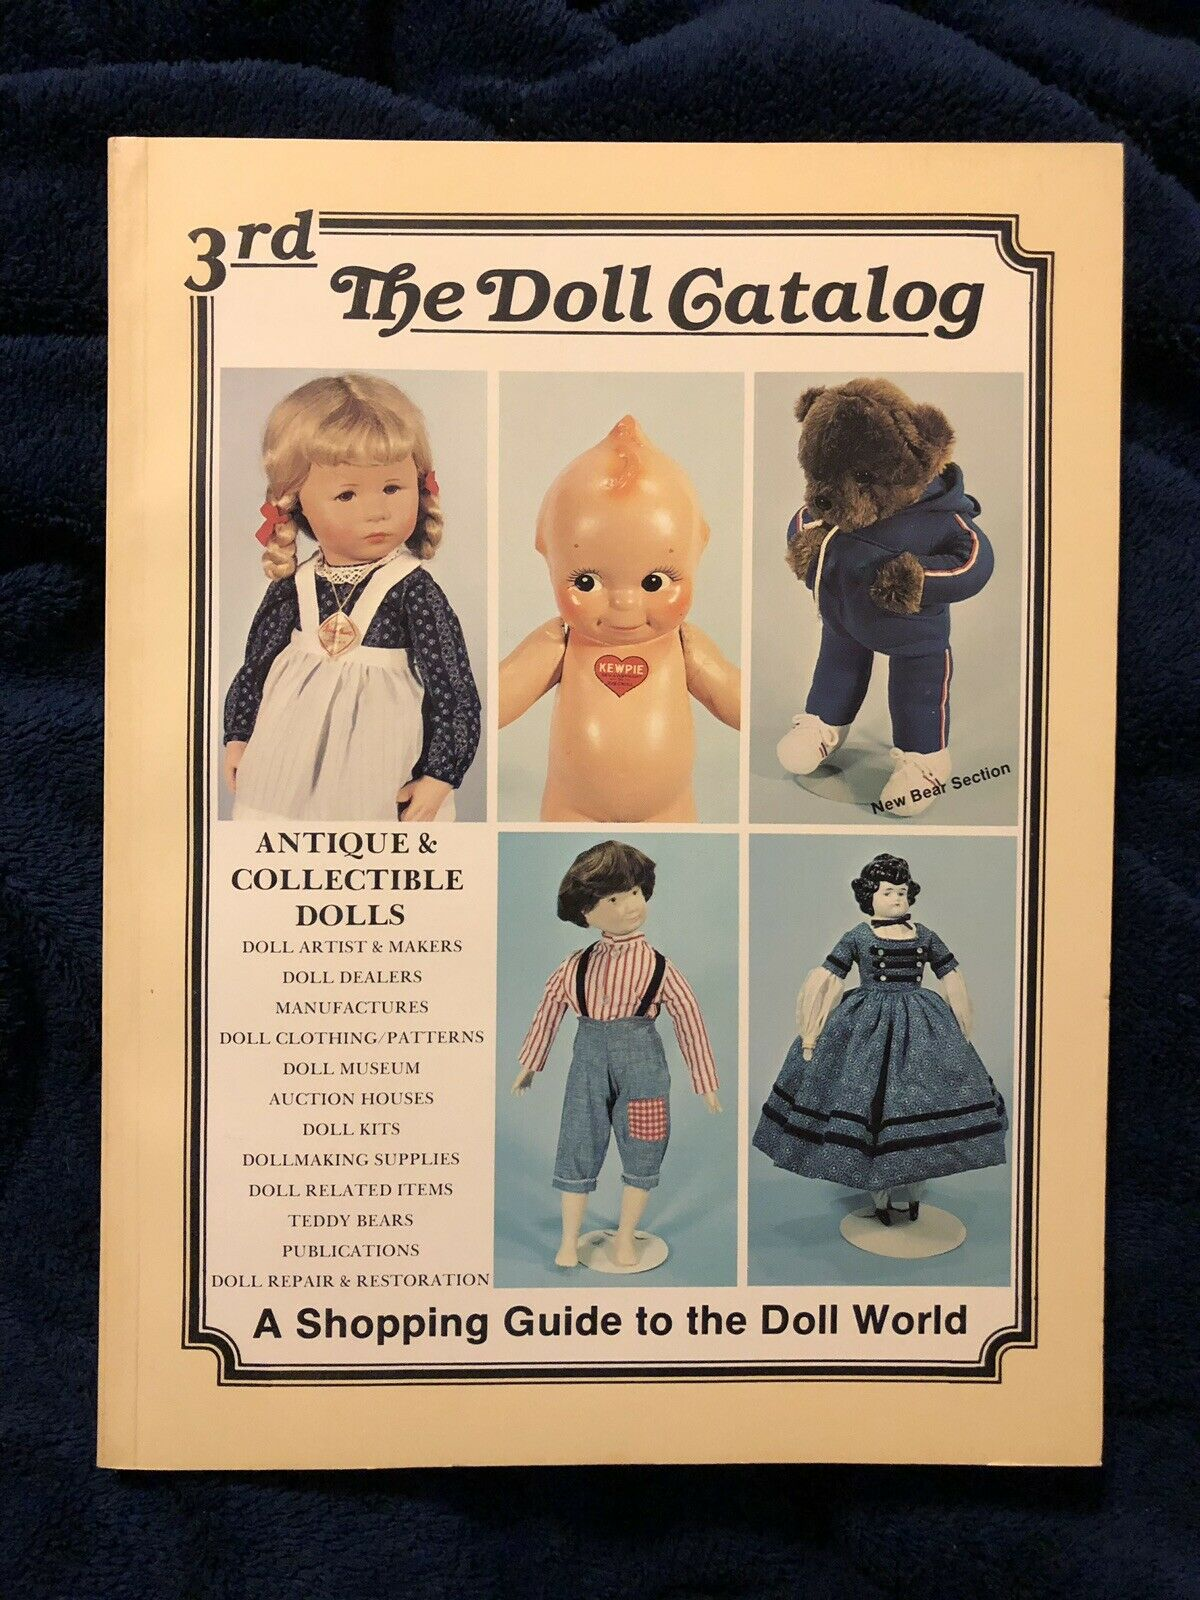 Doll Catalog Trade Paperback For Sale Online Ebay